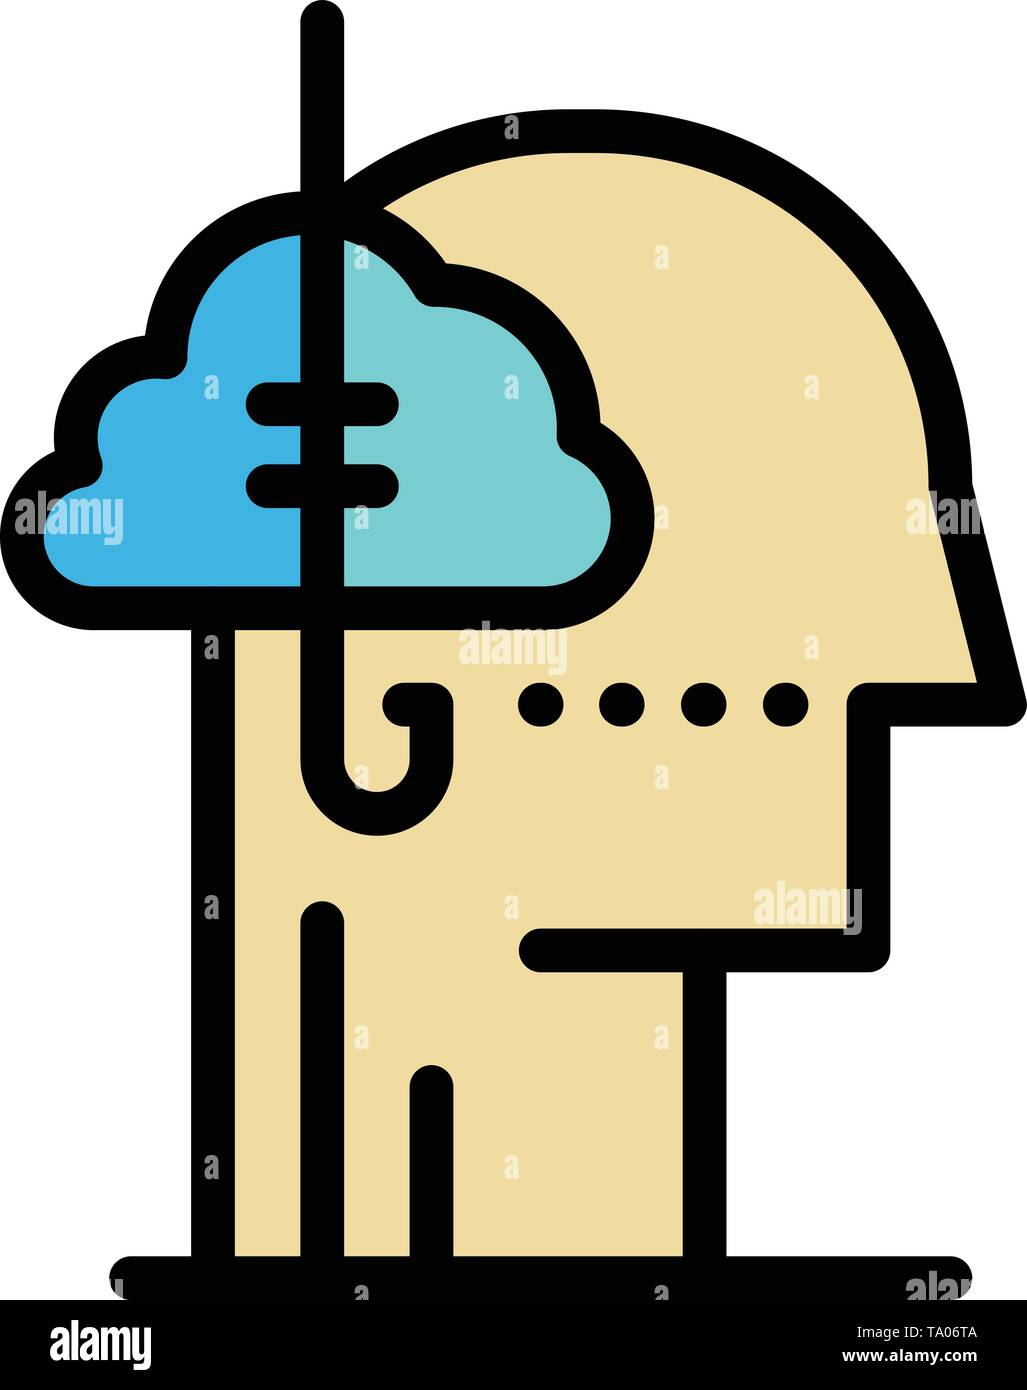 Kreditaufnahme Ideen, Sucht, Fangen, Gewohnheit, Menschliche flachen Farbe Symbol. Vektor icon banner Vorlage Stockbild